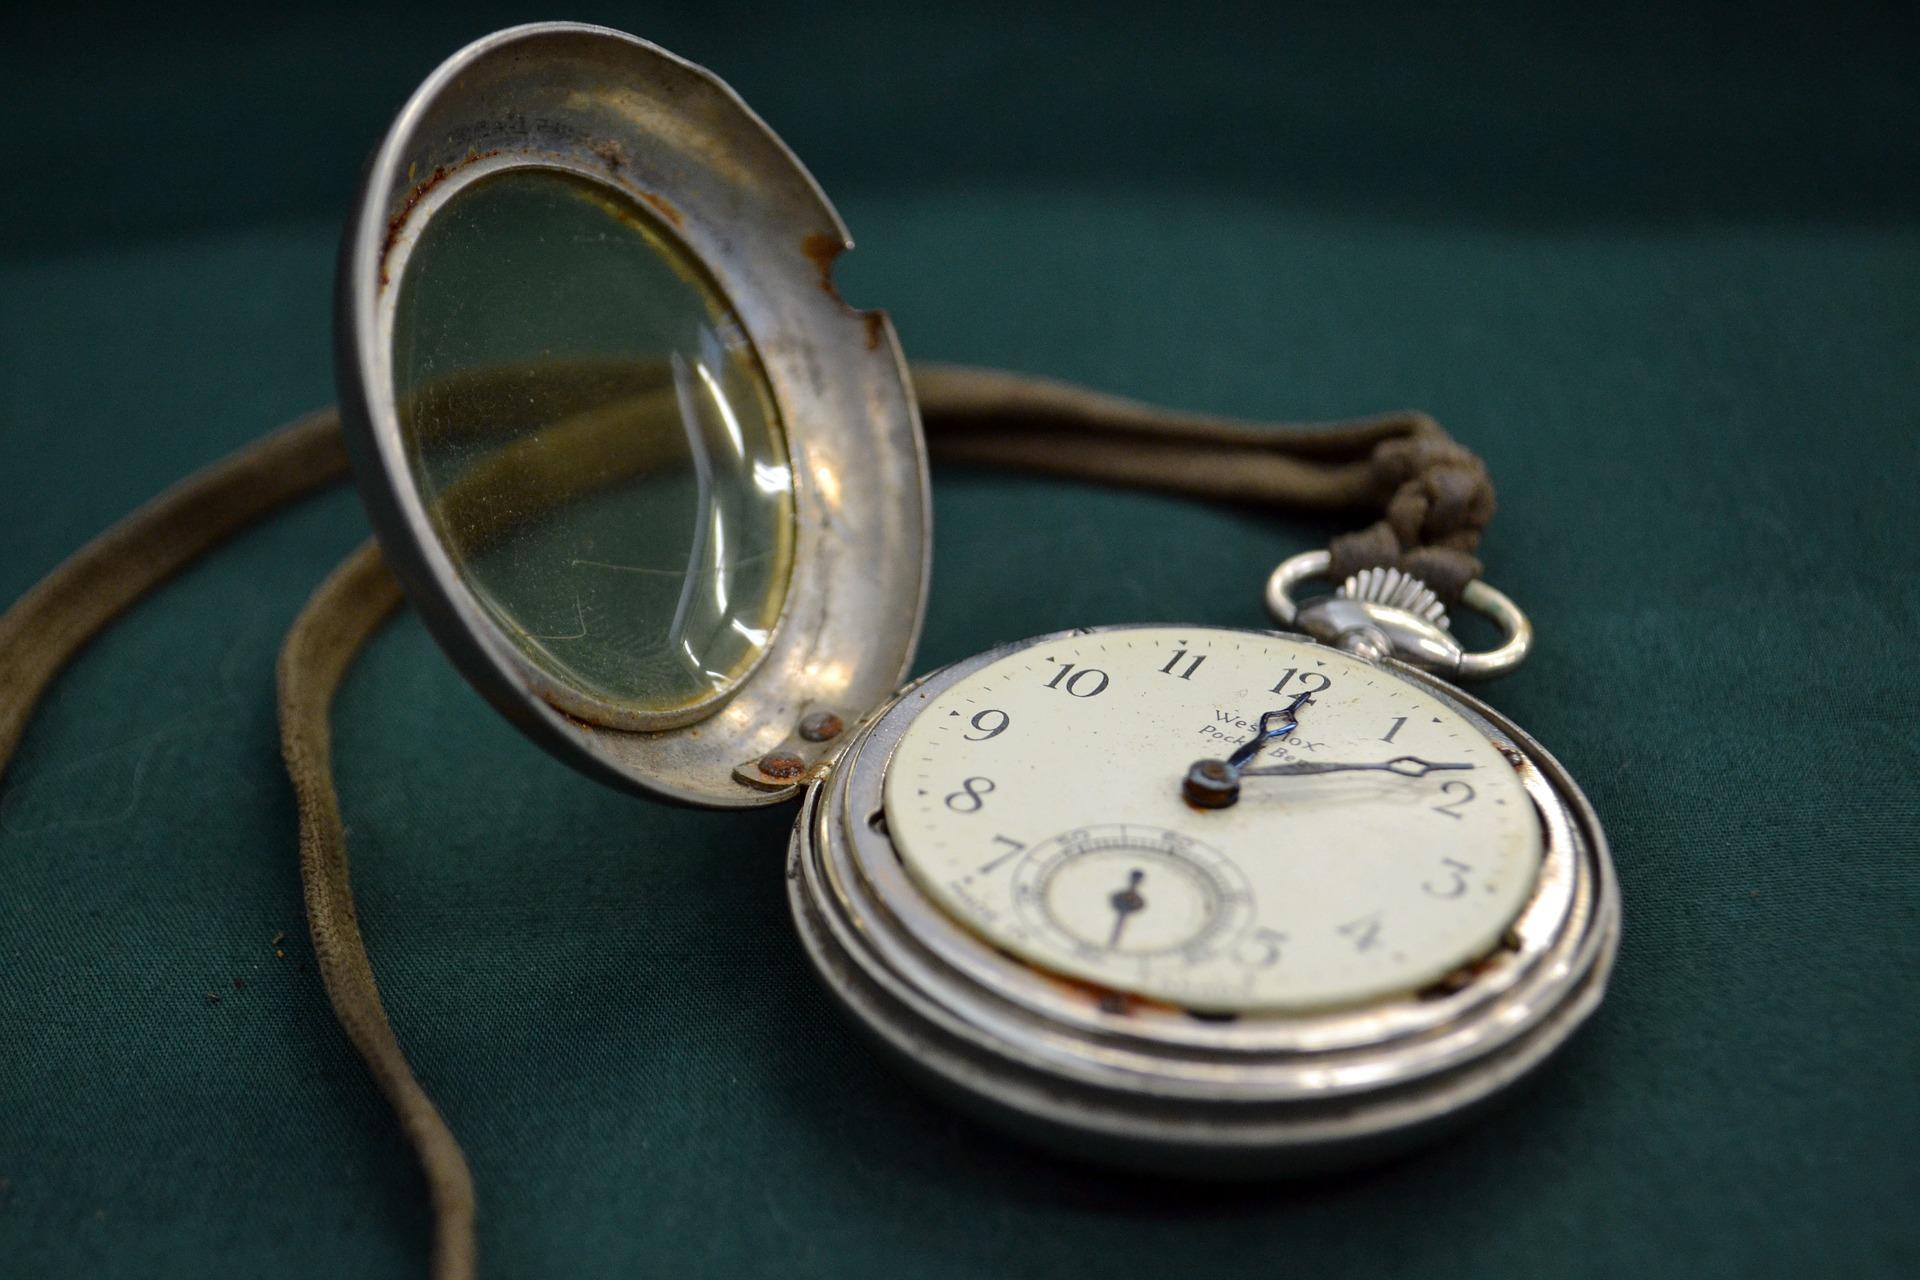 Zegarek odmierzający czas. Biuro rachunkowe Kwidzyn.